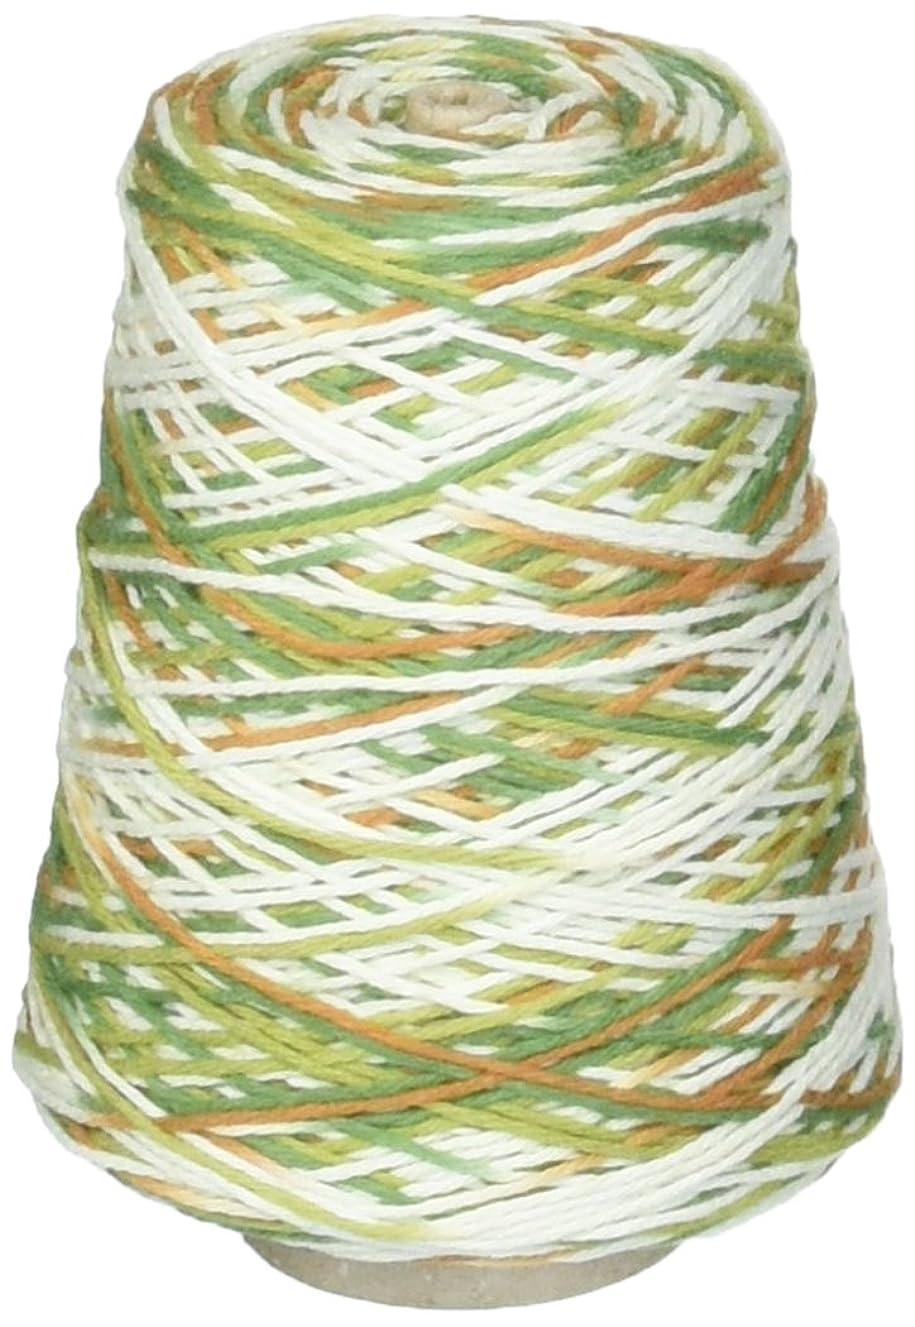 Premier Yarns 1032-12 Home Cotton Yarn - Multi Cone-Woodland